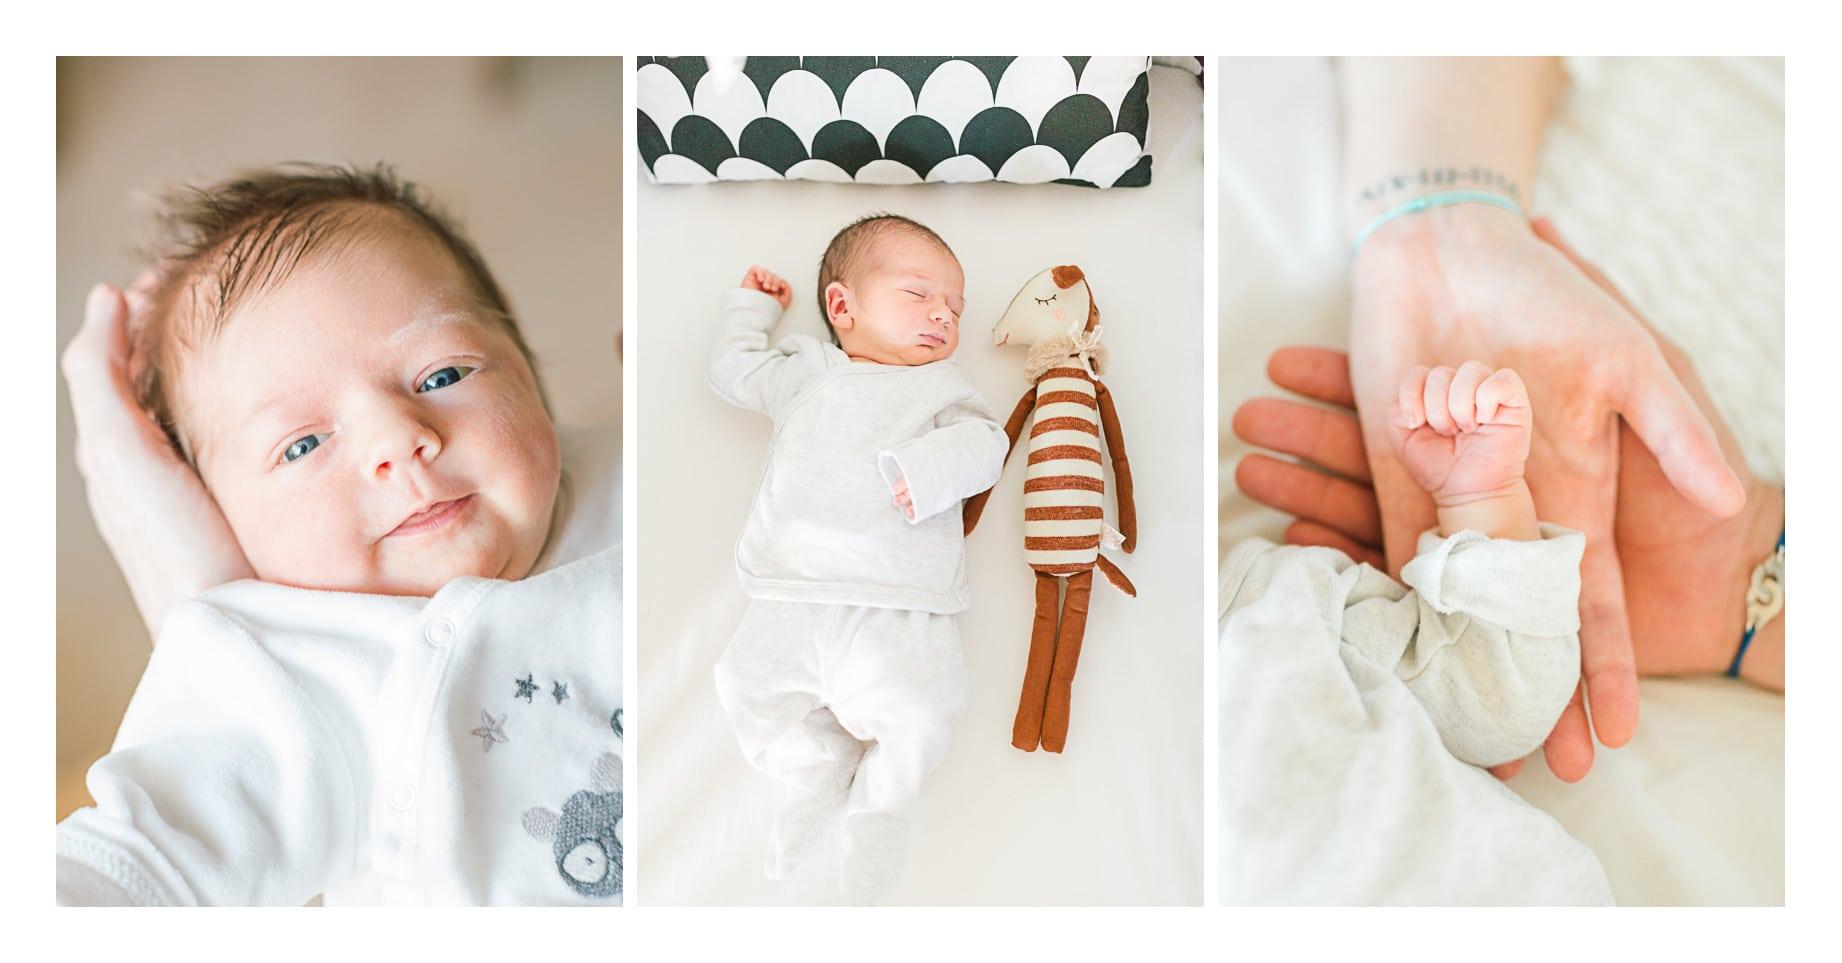 photo d'une séance naissance à Annecy Genève, on voit la main du bébé et de ses parents, le bébé dans son lit et une autre photos du bébé dans les bras de sa maman